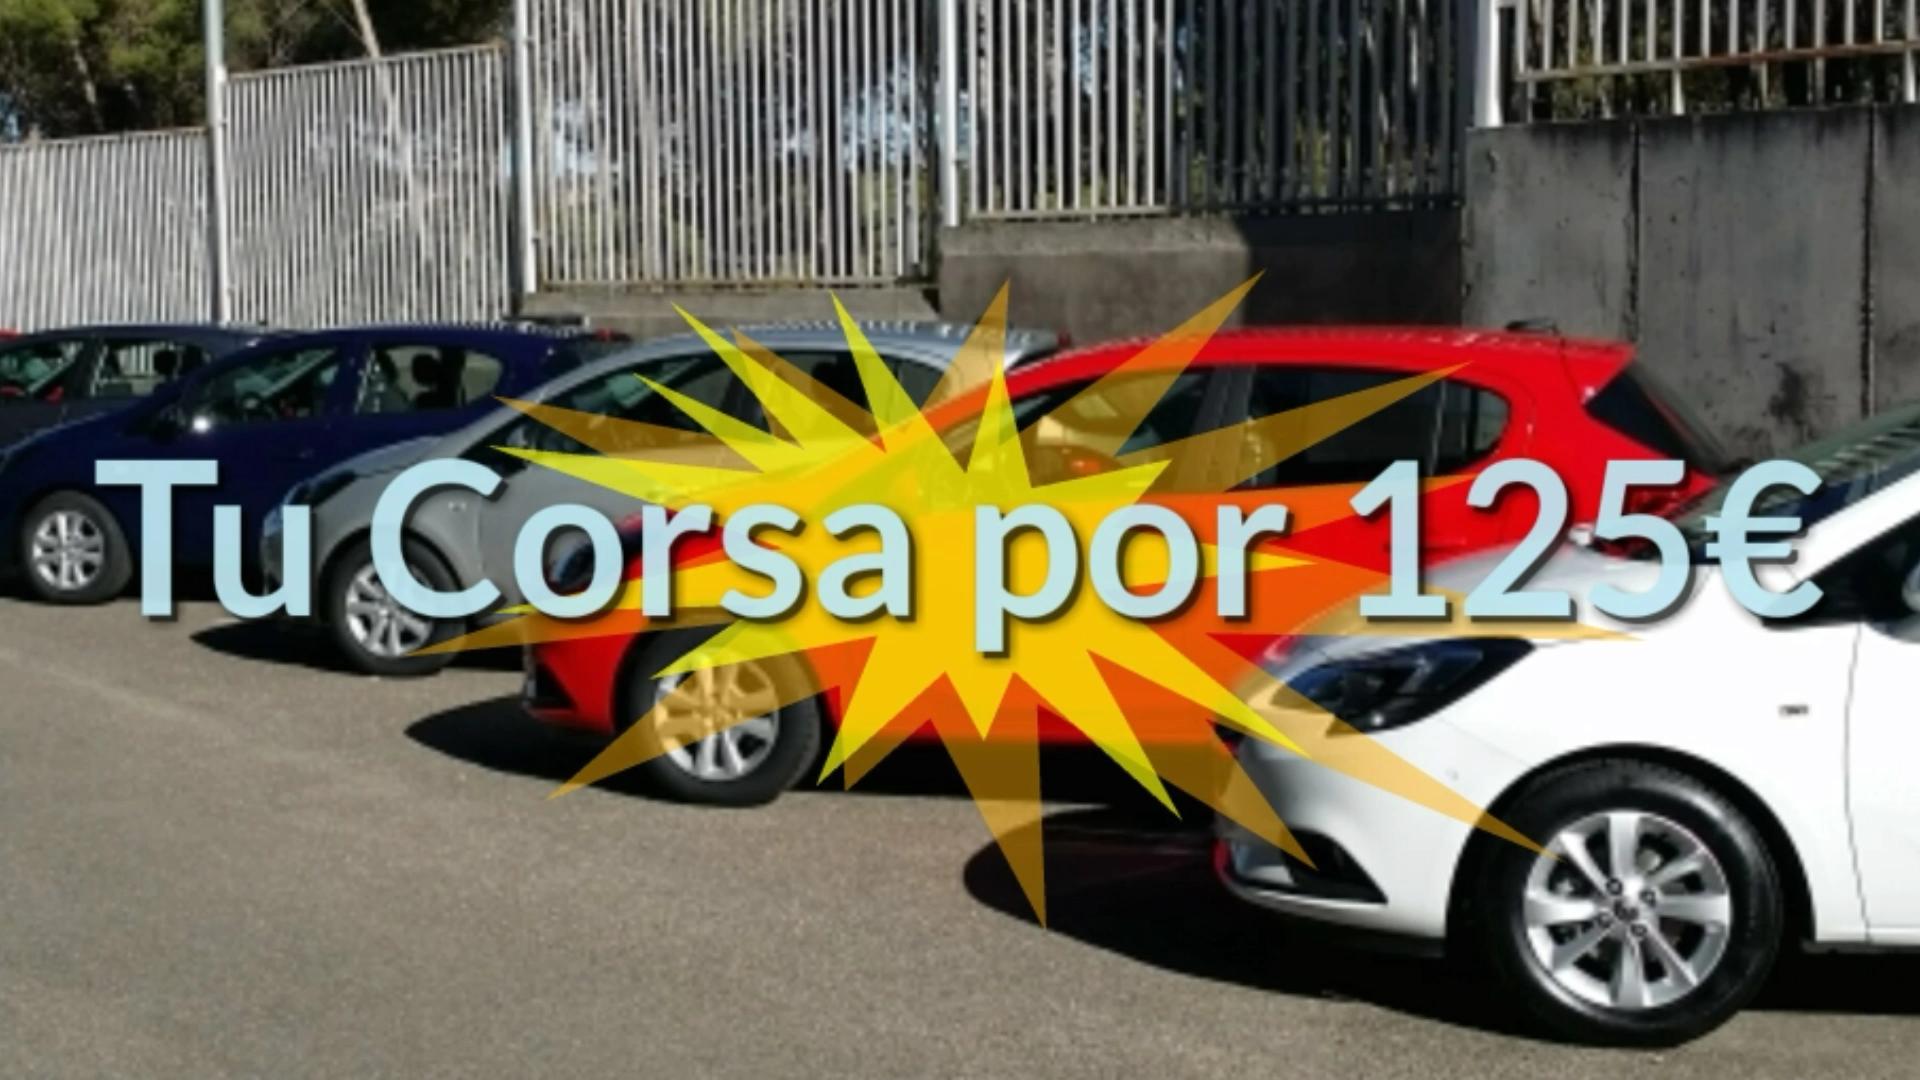 DURANTE SÓLO UNOS DÍAS PONEMOS 9 CORSAS AL PRECIO DE 125€. ¡¡ ELIGE EL COLOR Y DISFRUTA DE TU OPEL CORSA !!